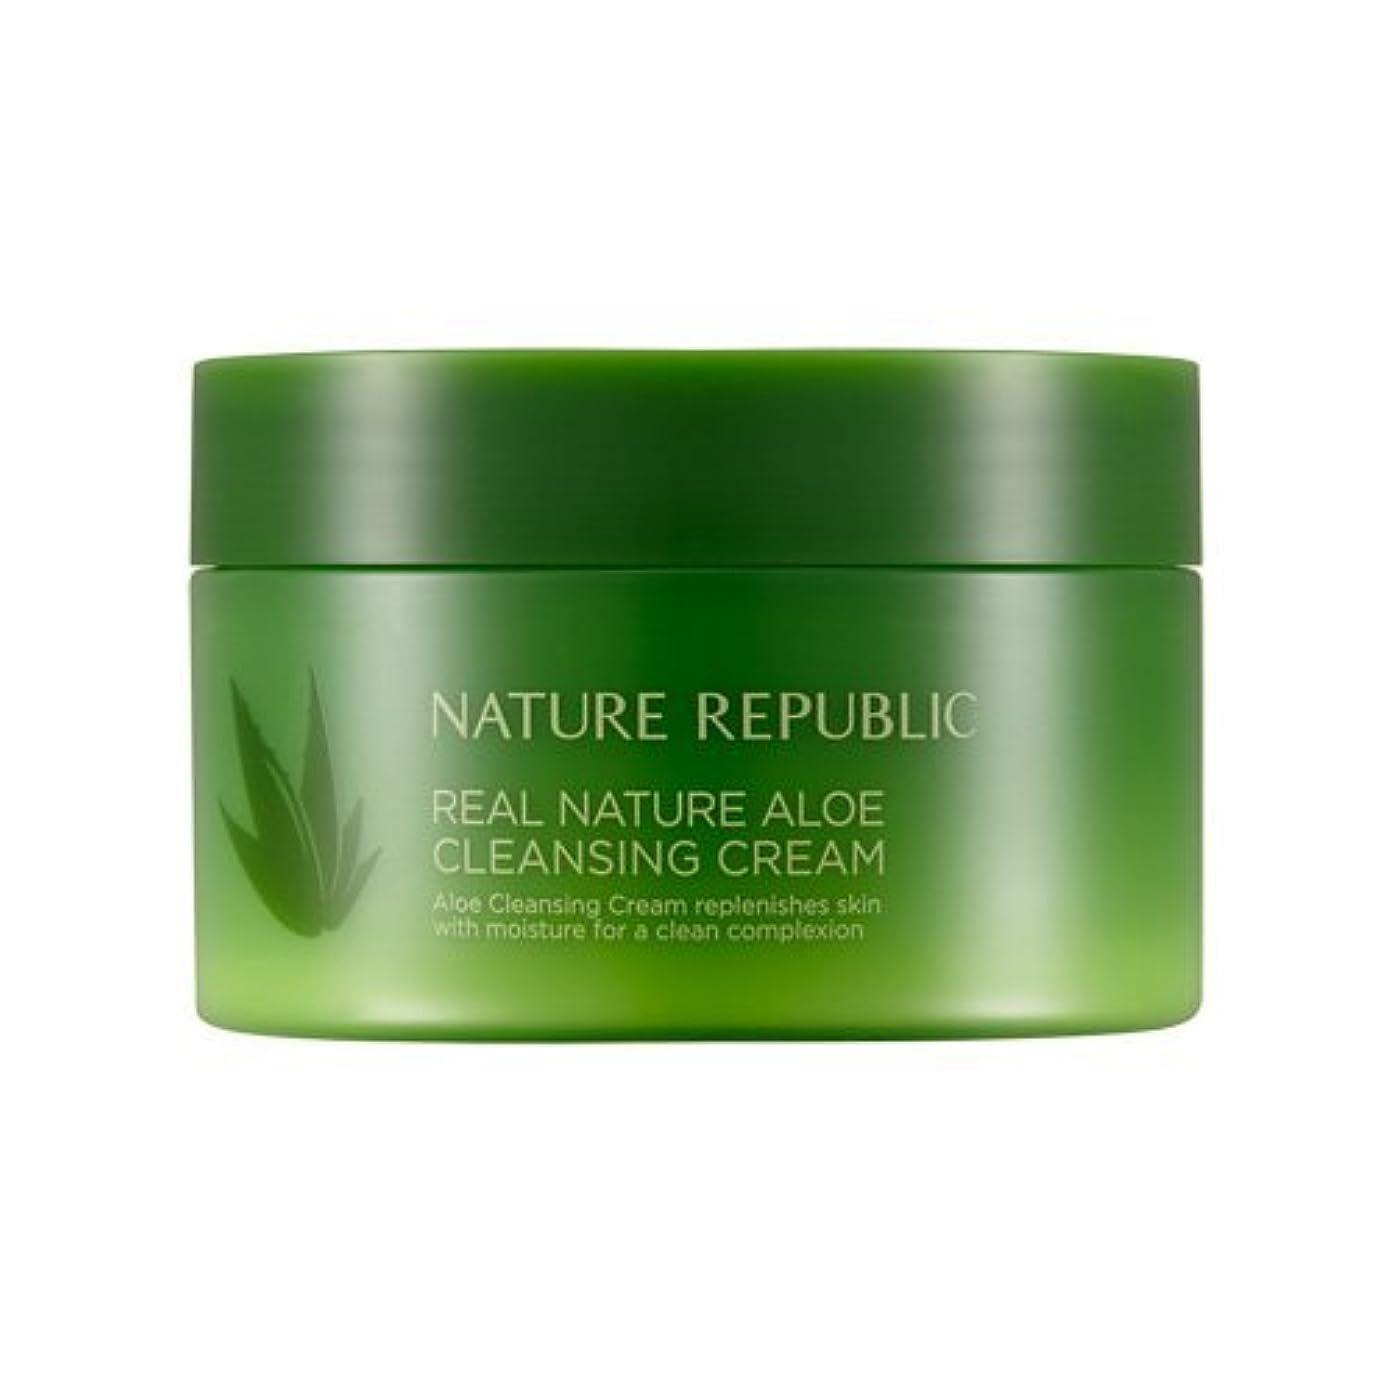 聖職者ヒール影響を受けやすいですNature Republic Real Nature Aloe Cleansing Cream / ネイチャーリパブリックリアルネイチャーアロエクレンジングクリーム200ml